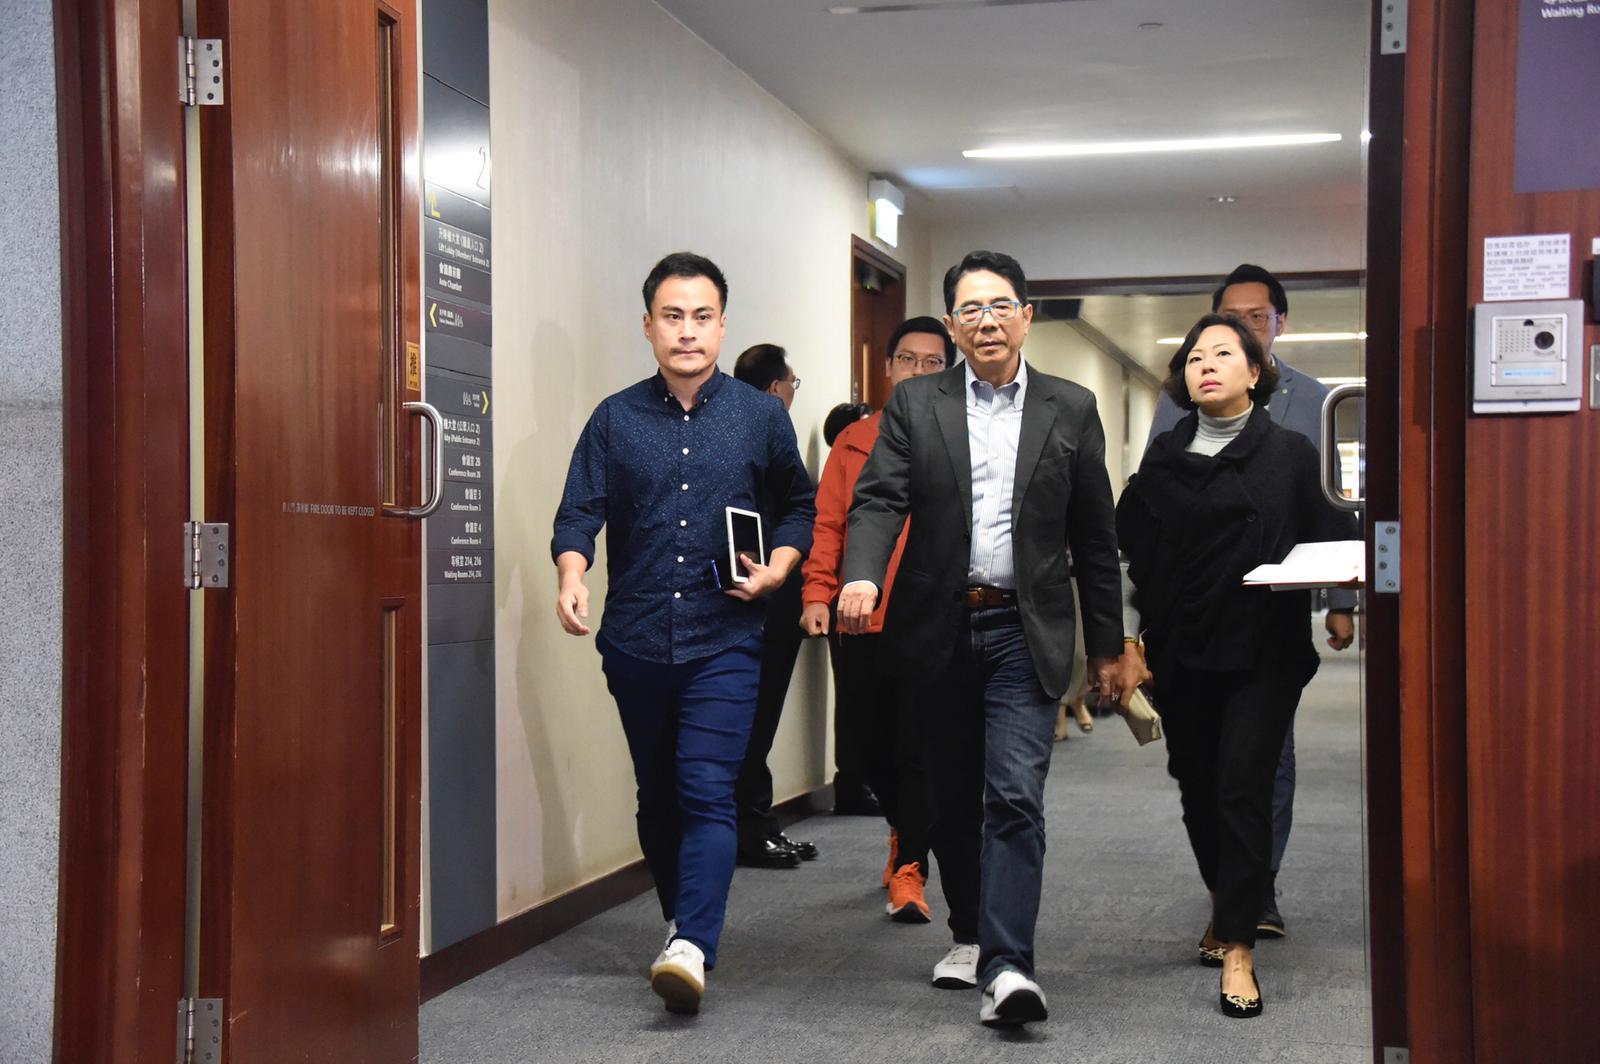 郭伟强认为自己做的事是正确的,批评涂谨申扰乱立法会秩序。